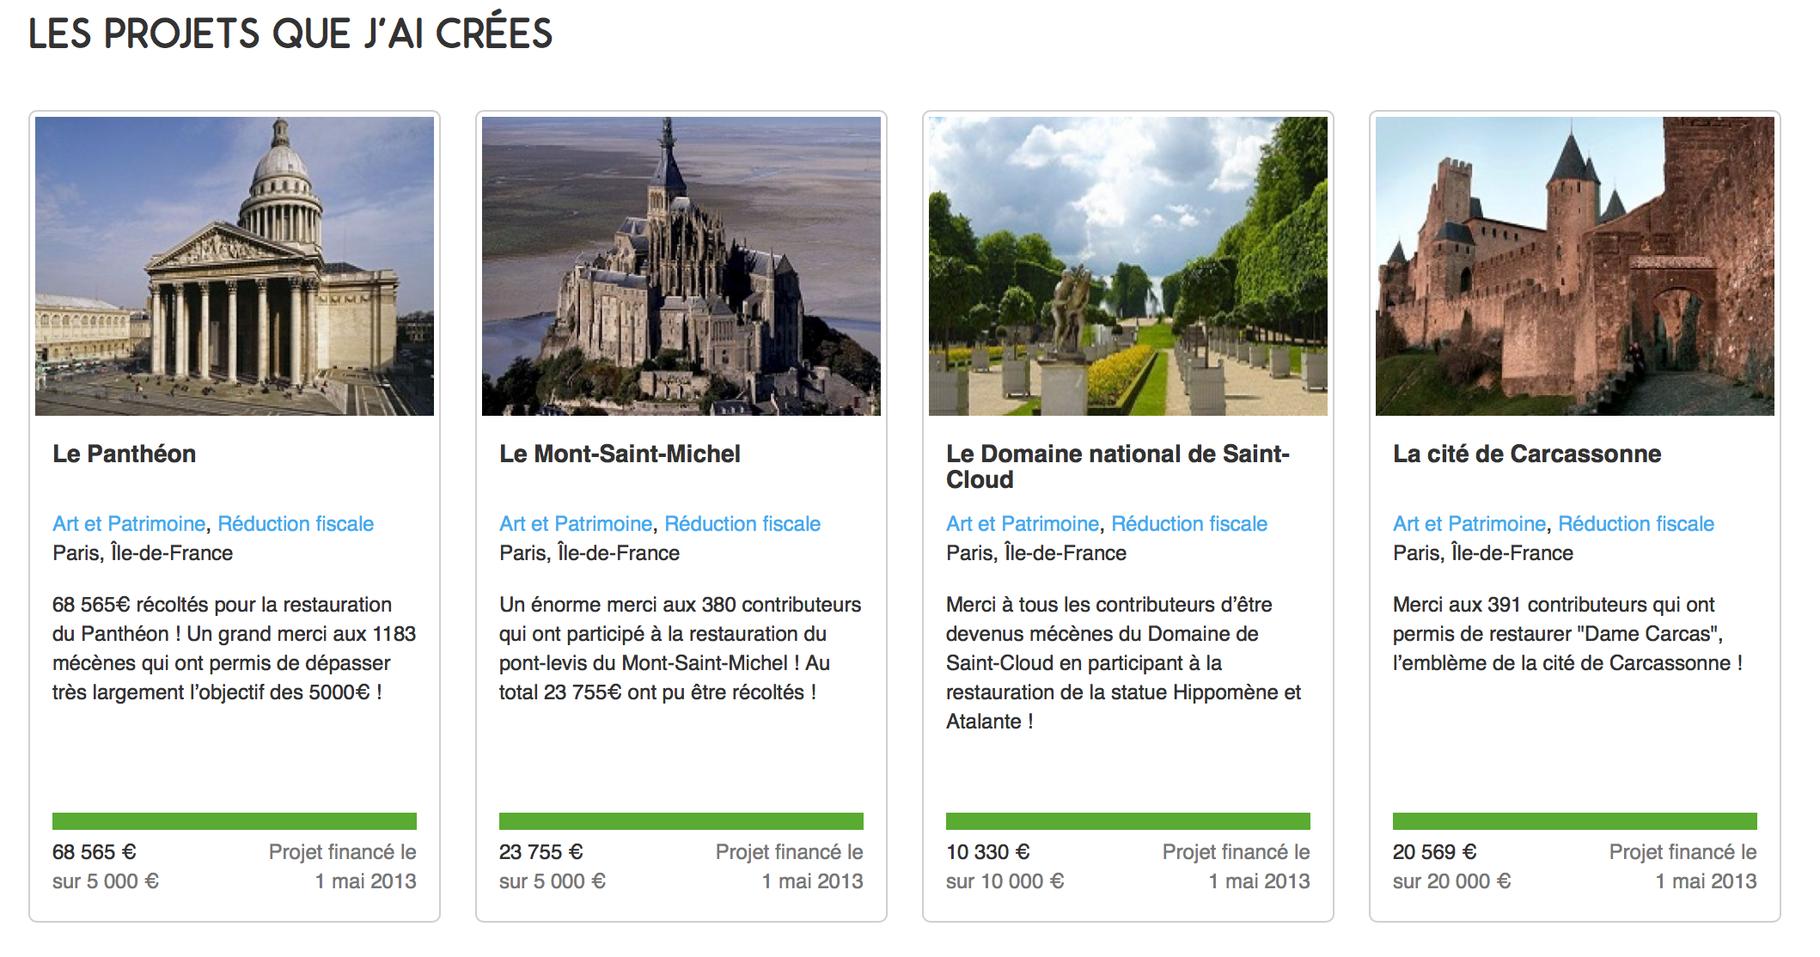 4处建筑遗产维护的众筹贴,4个项目都成功完成预计的筹集额度,特别是先贤祠 (Le Panthéon) 的筹款超出了预期十几倍。